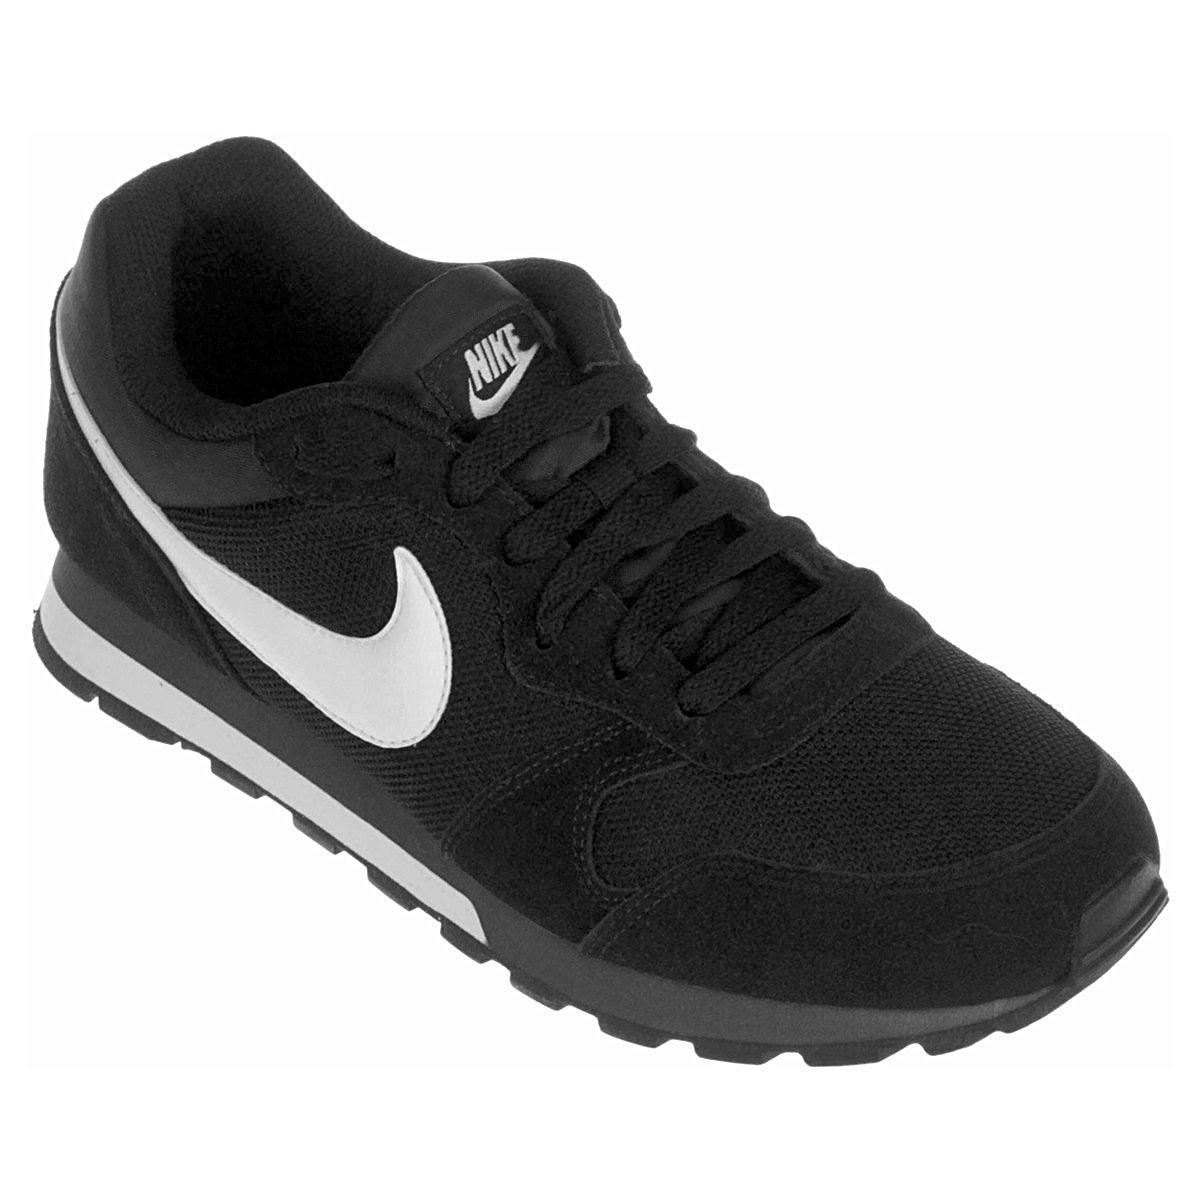 f03b92ef359 Tênis Nike Md Runner 2 Masculino - Preto e Branco - Compre Agora ...